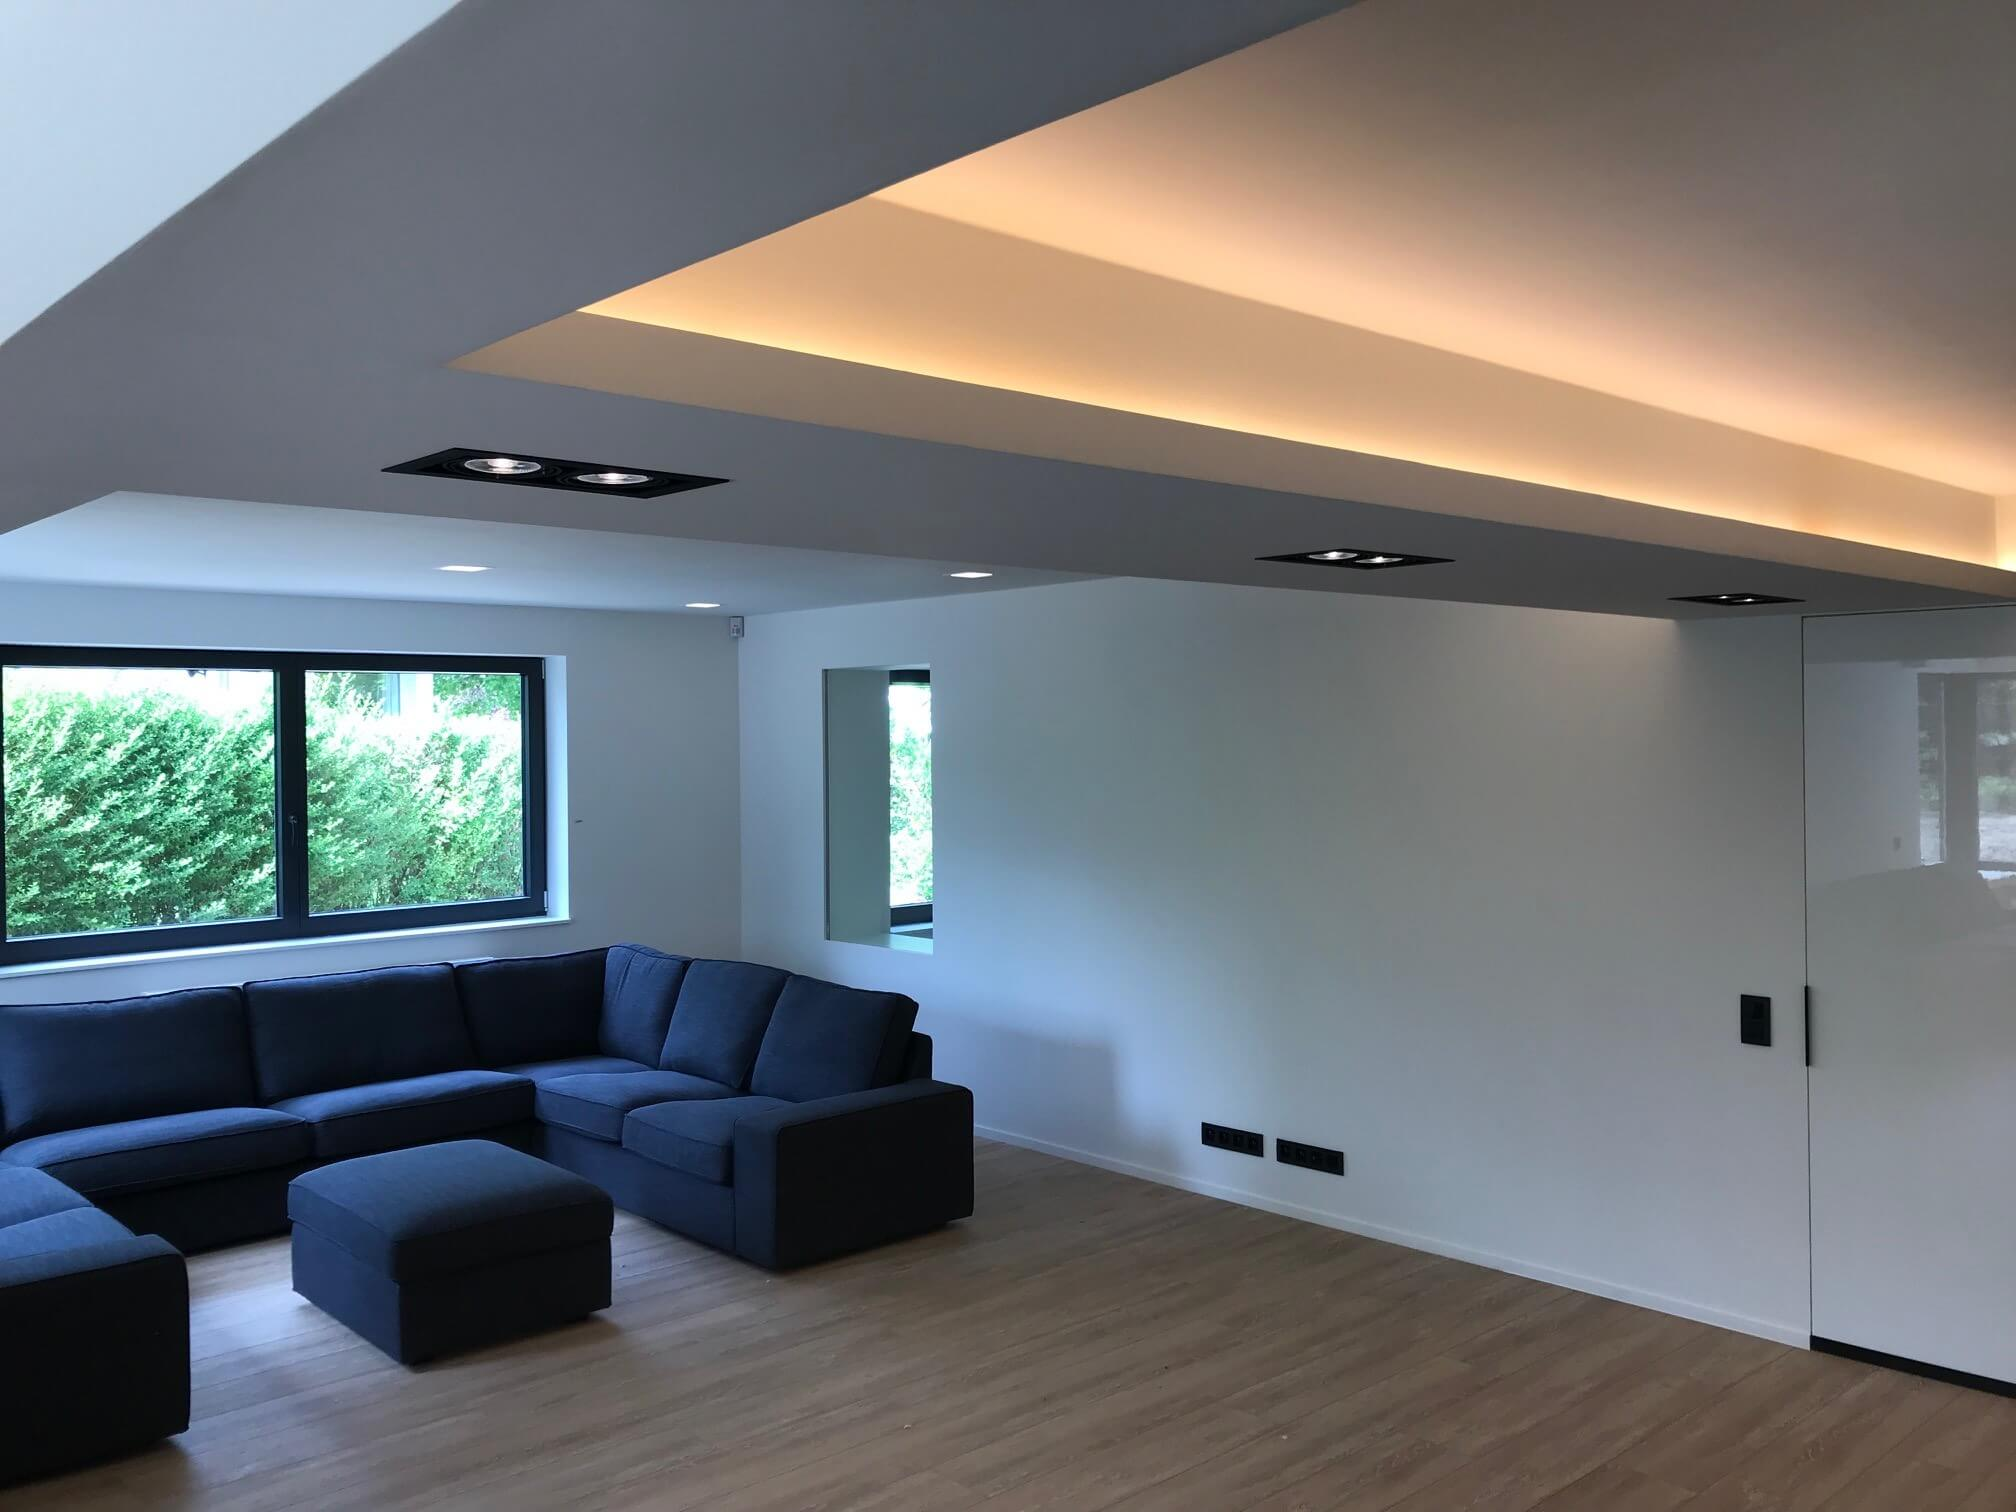 eclairage-int-salon-galerie-electricite-vanhoyesprl